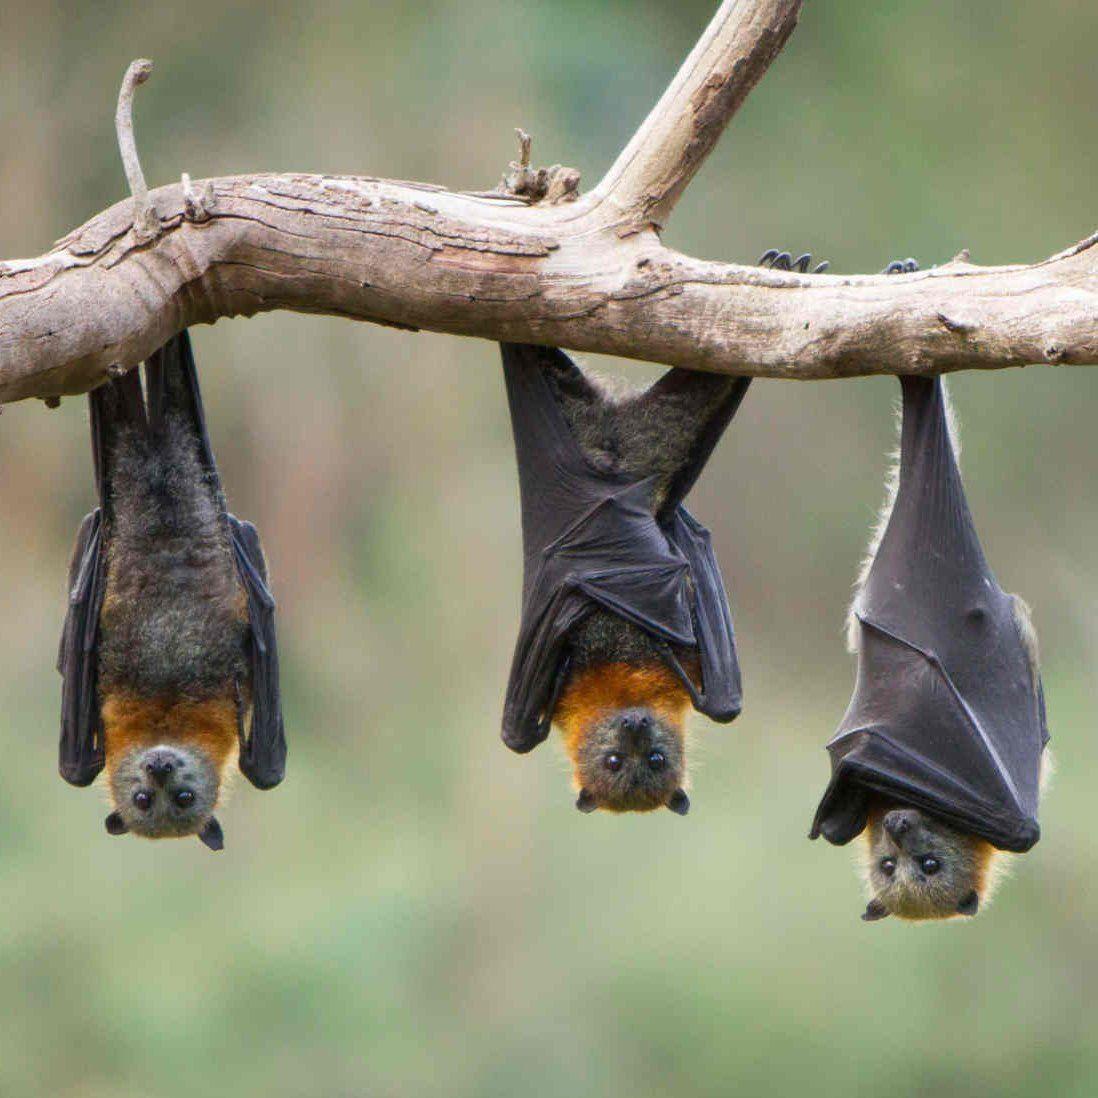 jak sikają nietoperze